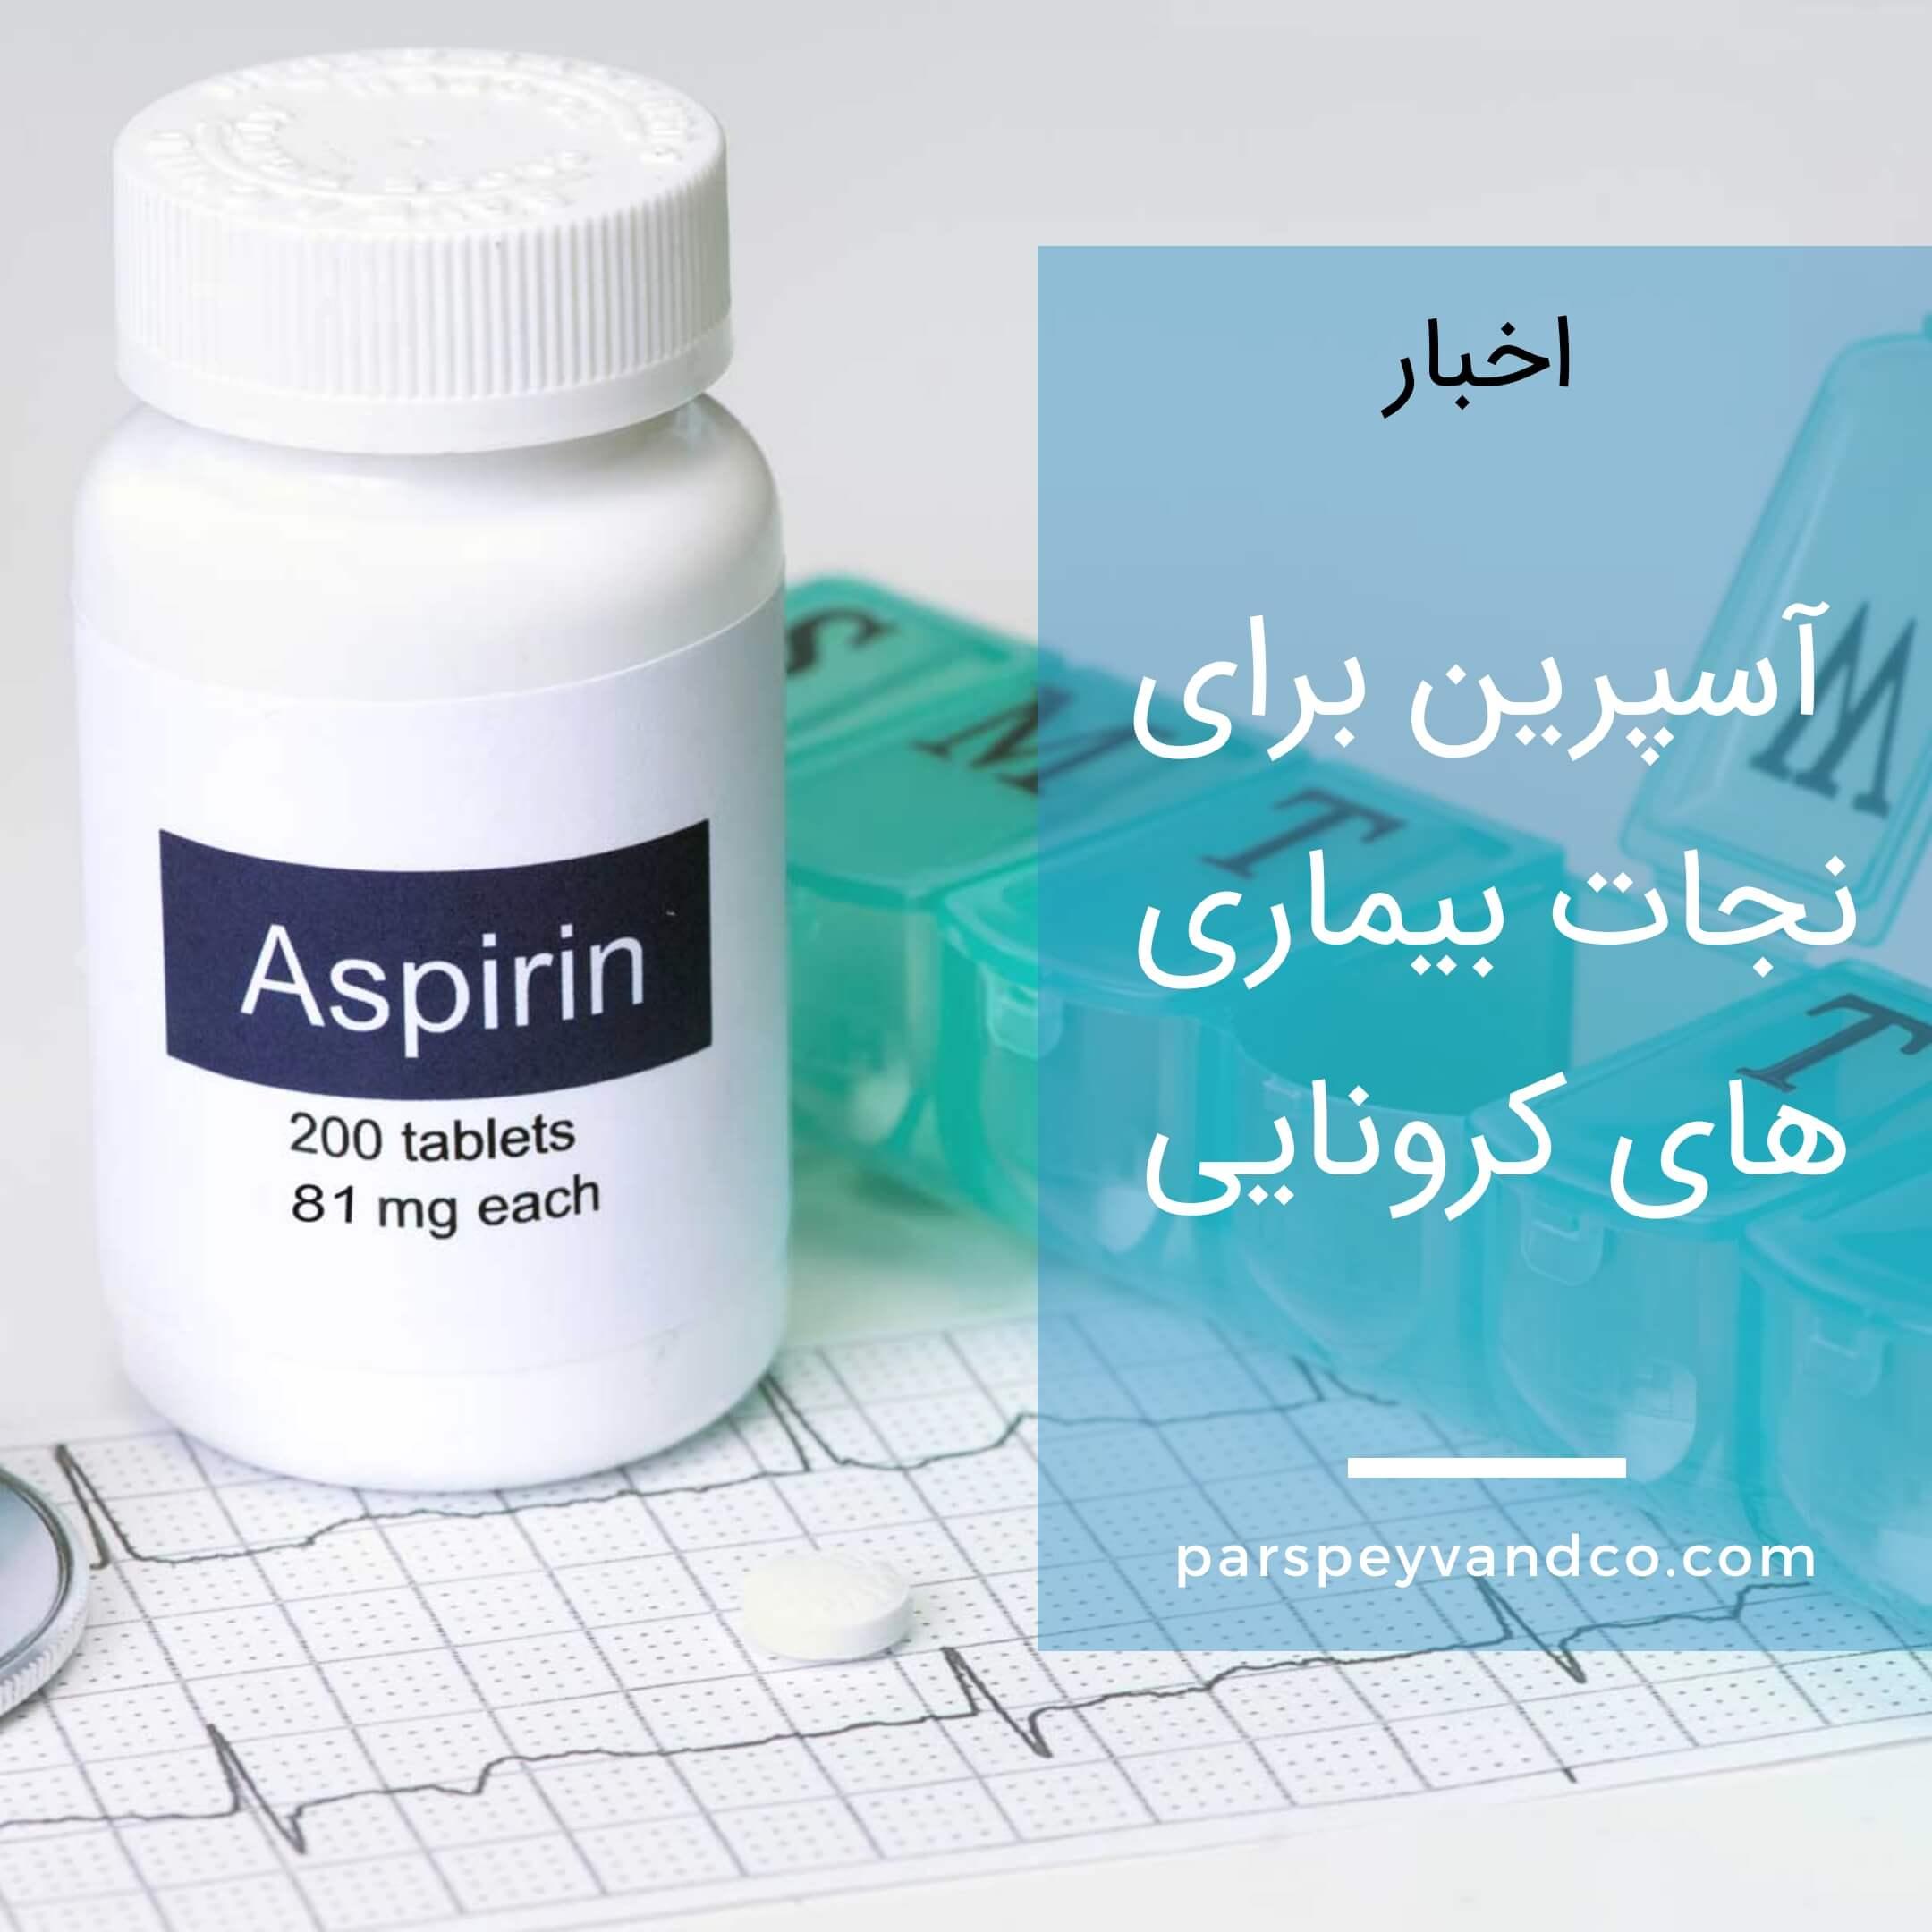 آسپرین برای کاهش شدت بیماری کرونا